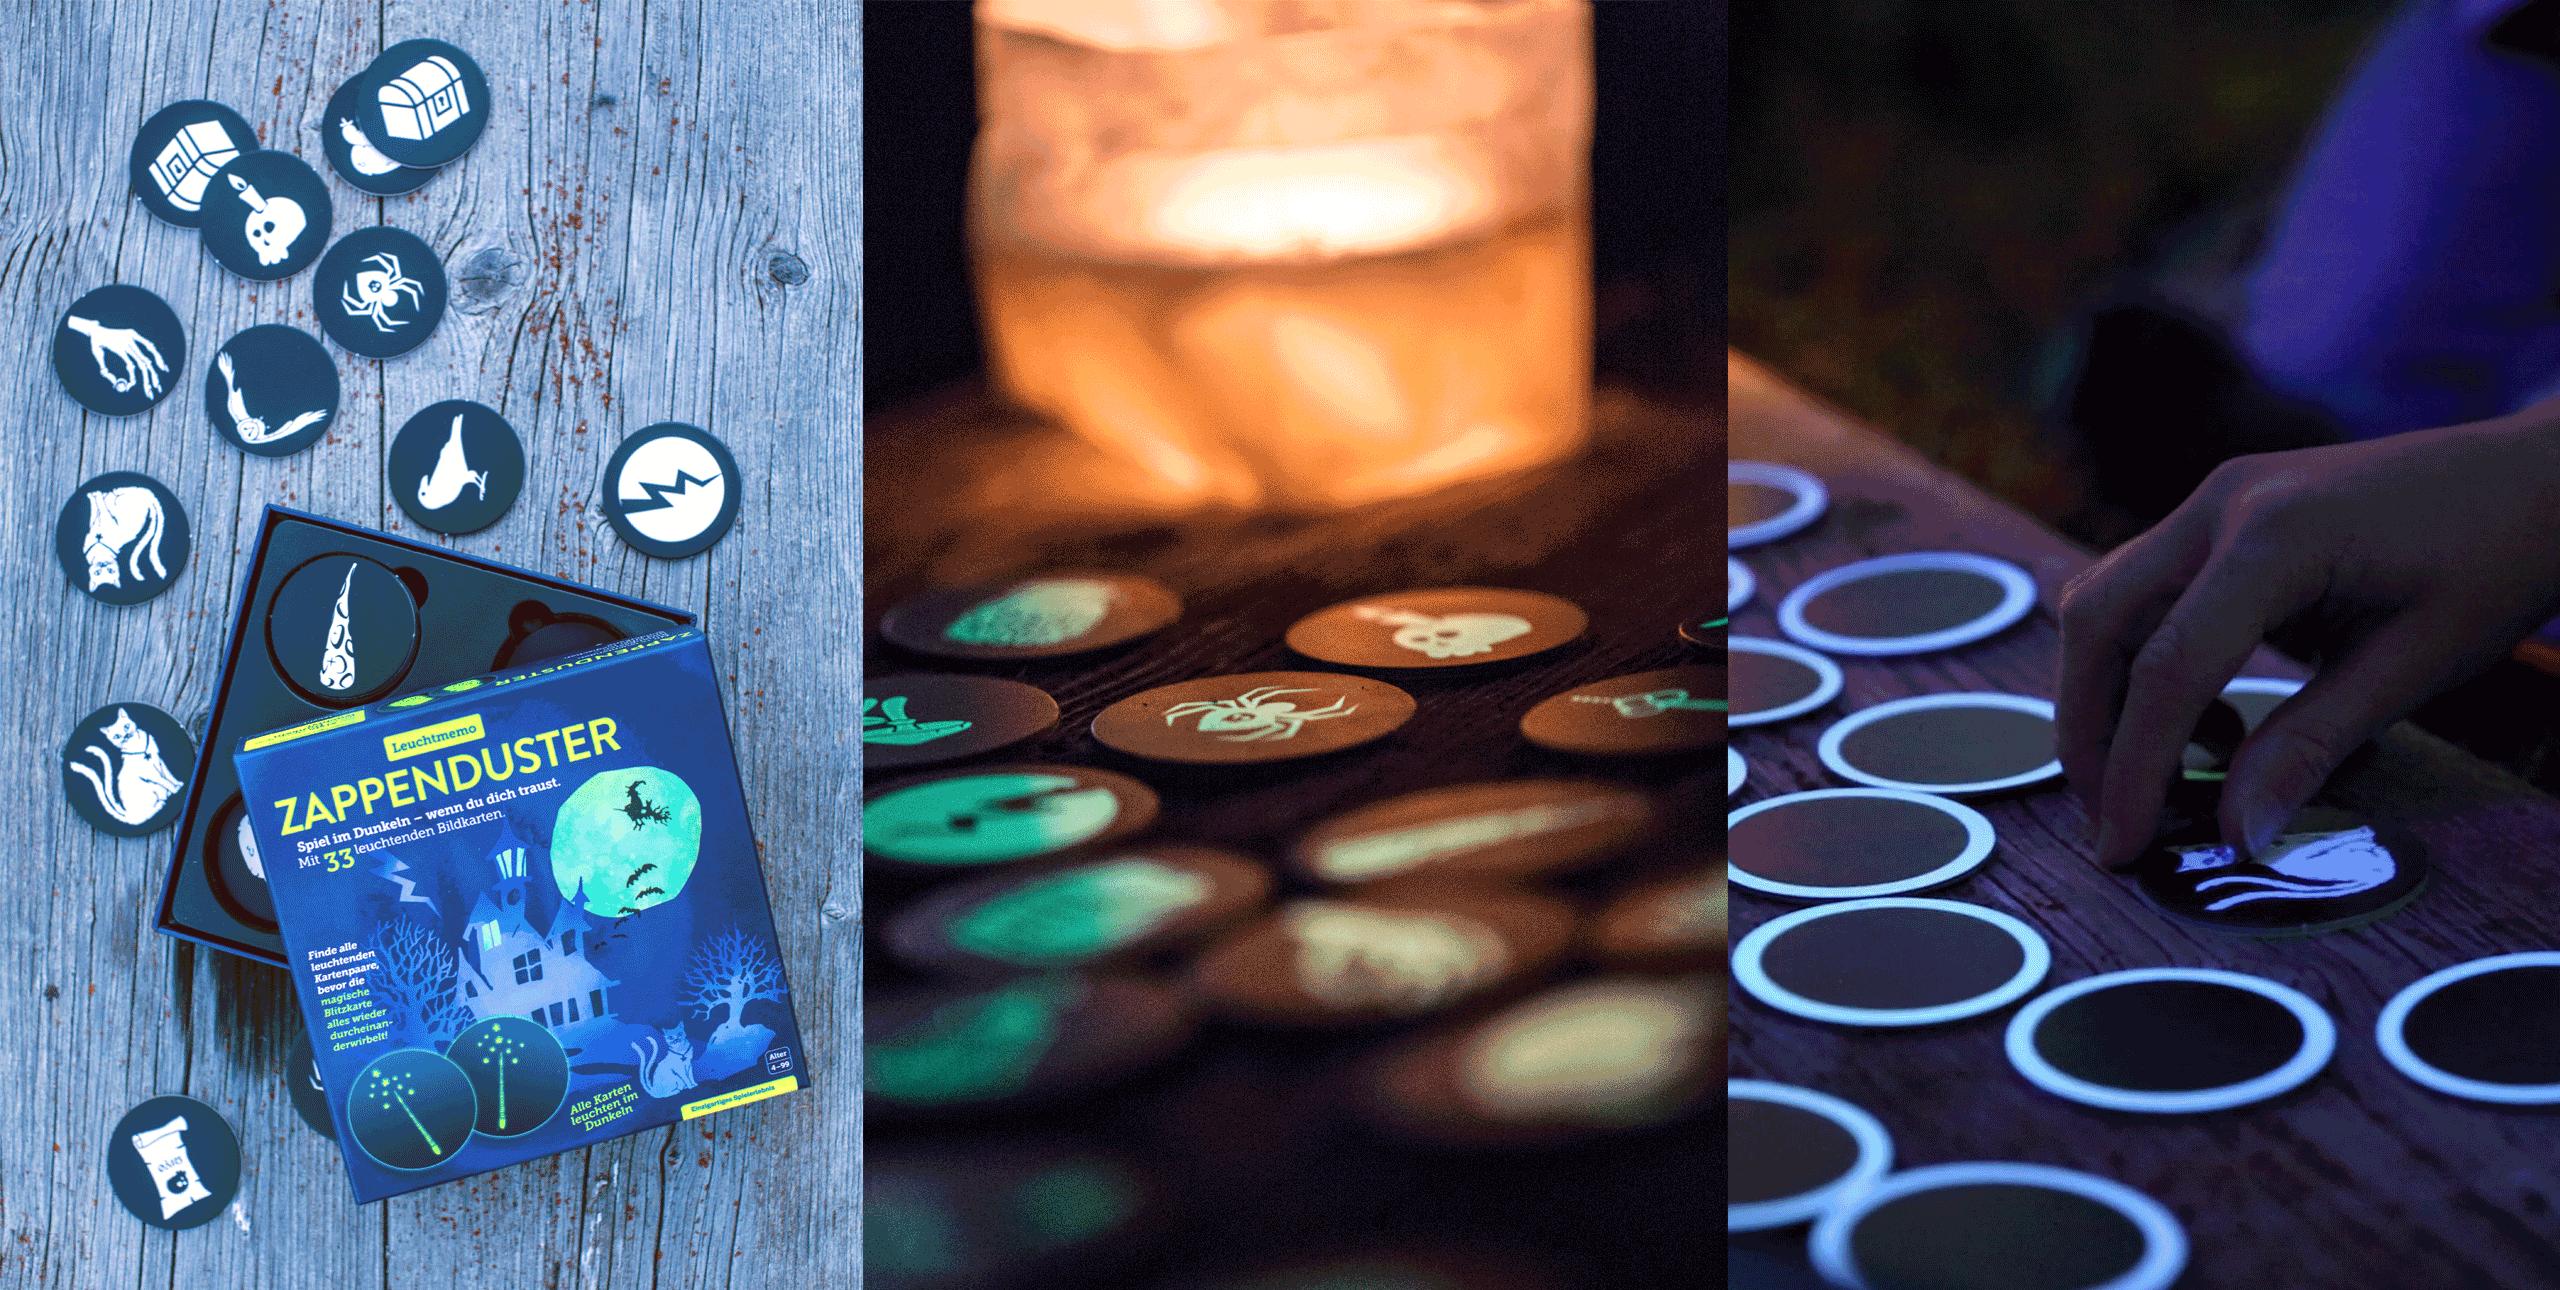 Zappenduster-Leuchtmemo-Zauberer-kinderspiel-kindergeschenk-familienspiel-Gedächtnistraining-World-Memory-Champion-Simon-Reinhard